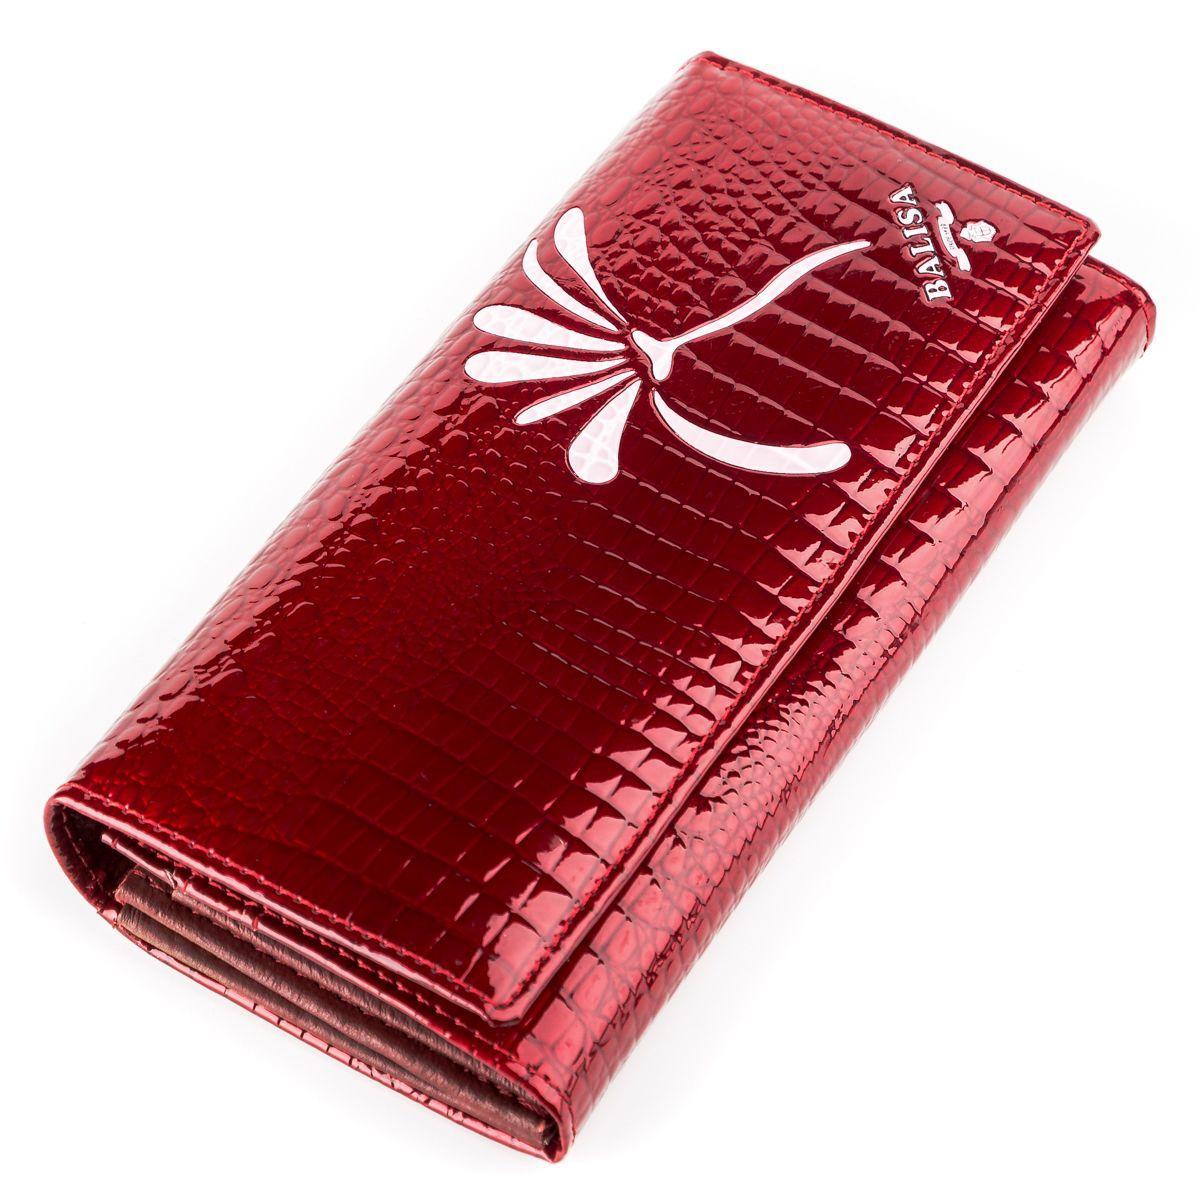 Кошелек женский BALISA 13858 кожаный Красный, Красный